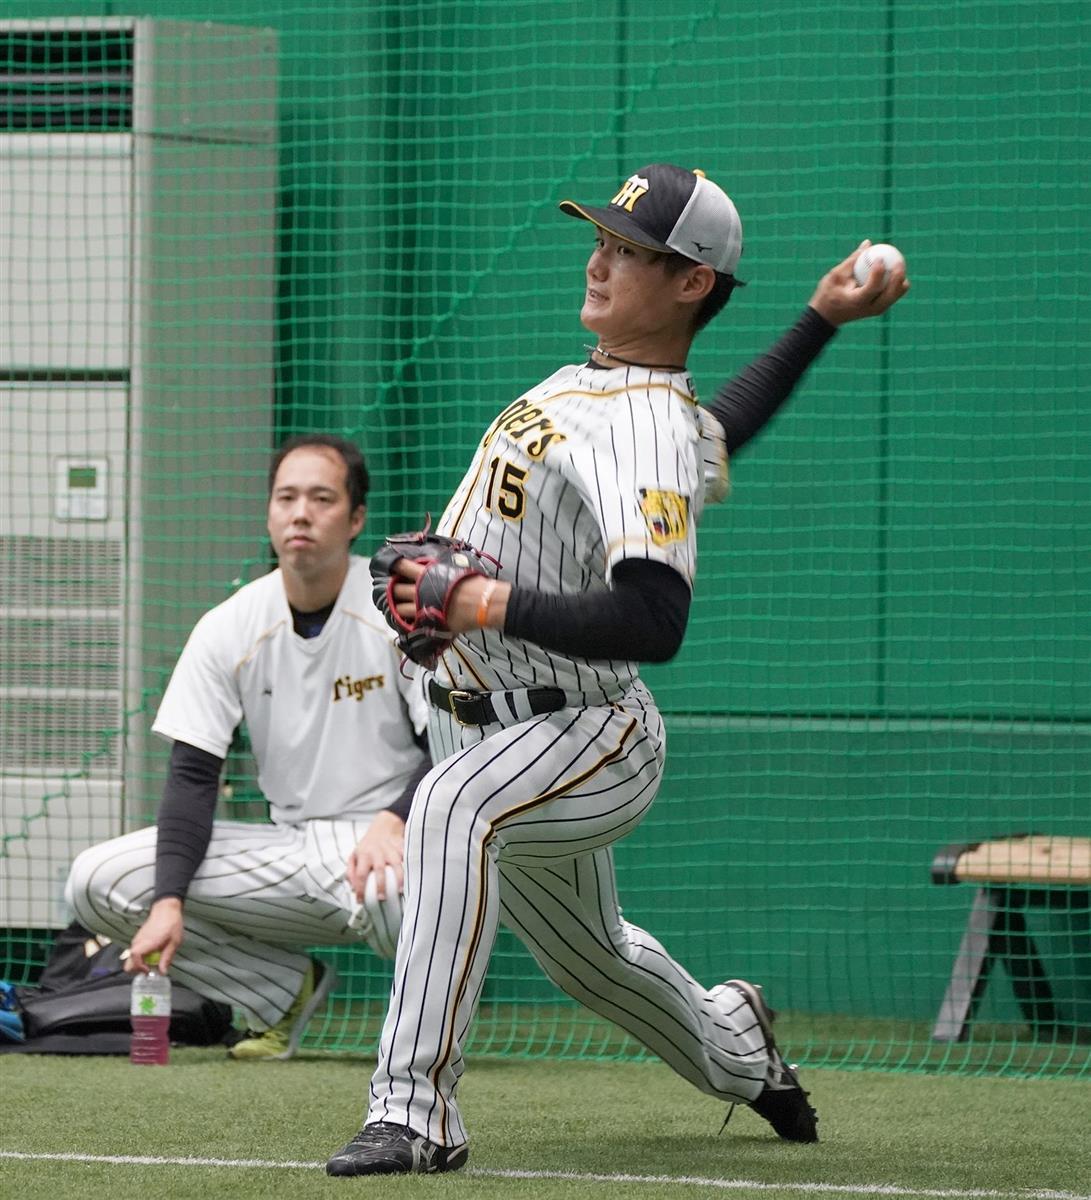 阪神・矢野監督、西純は「どれだけバッターに向かっていけるか」